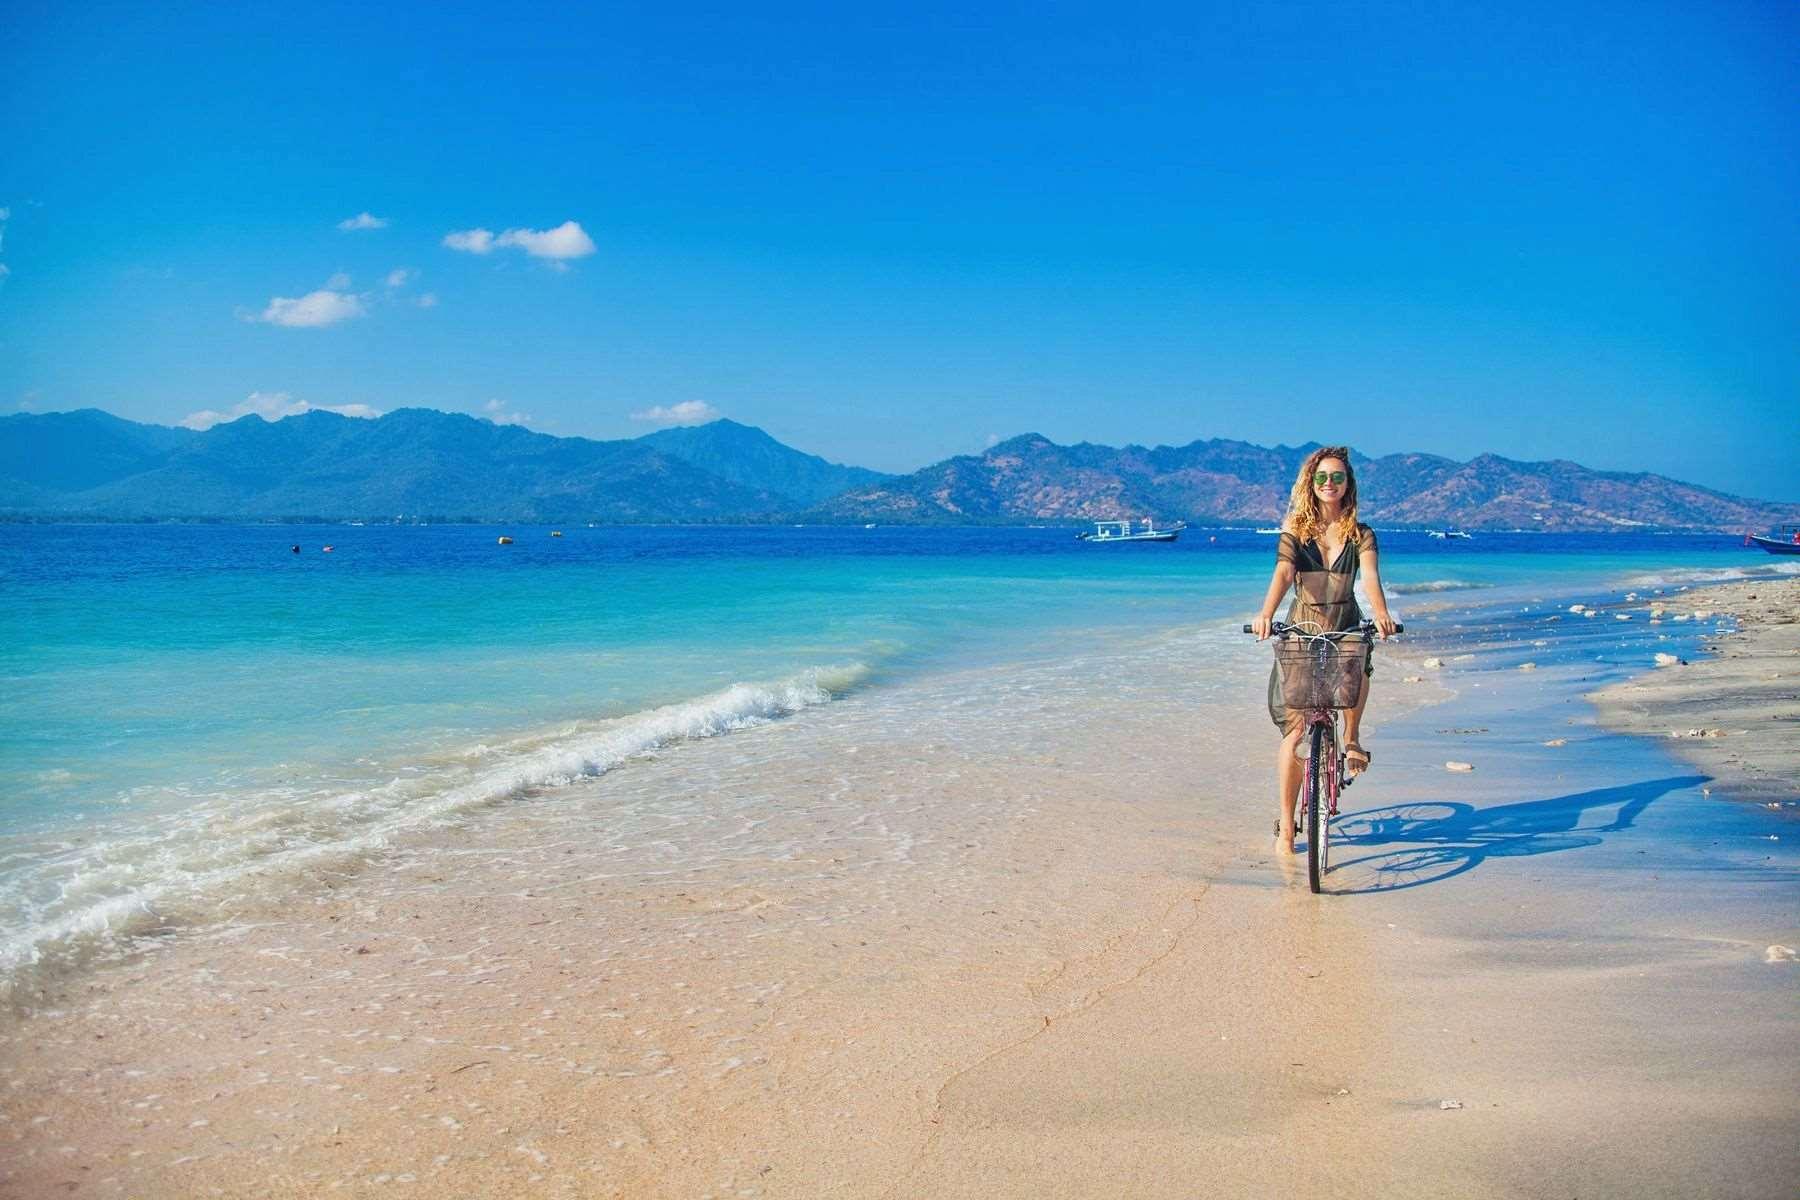 Гили Эйр укрыт пляжами с каждой стороны острова. Плавать у берега сложно, здесь слишком мелко, особенно во время отливов.